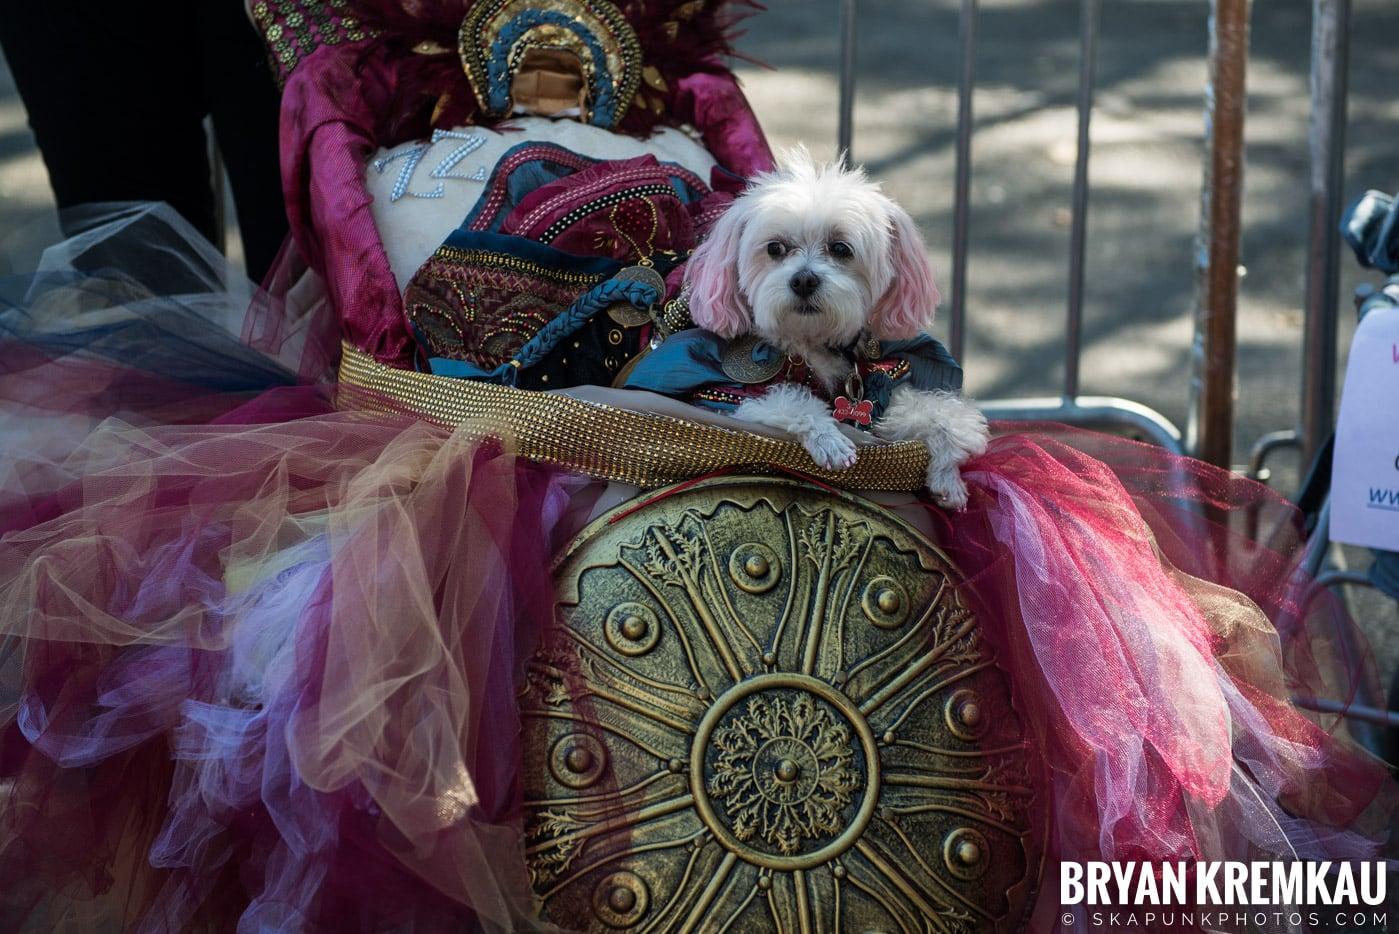 Tompkins Square Park Halloween Dog Parade 2017 @ Tompkins Square Park, NYC - 10.21.17 (48)